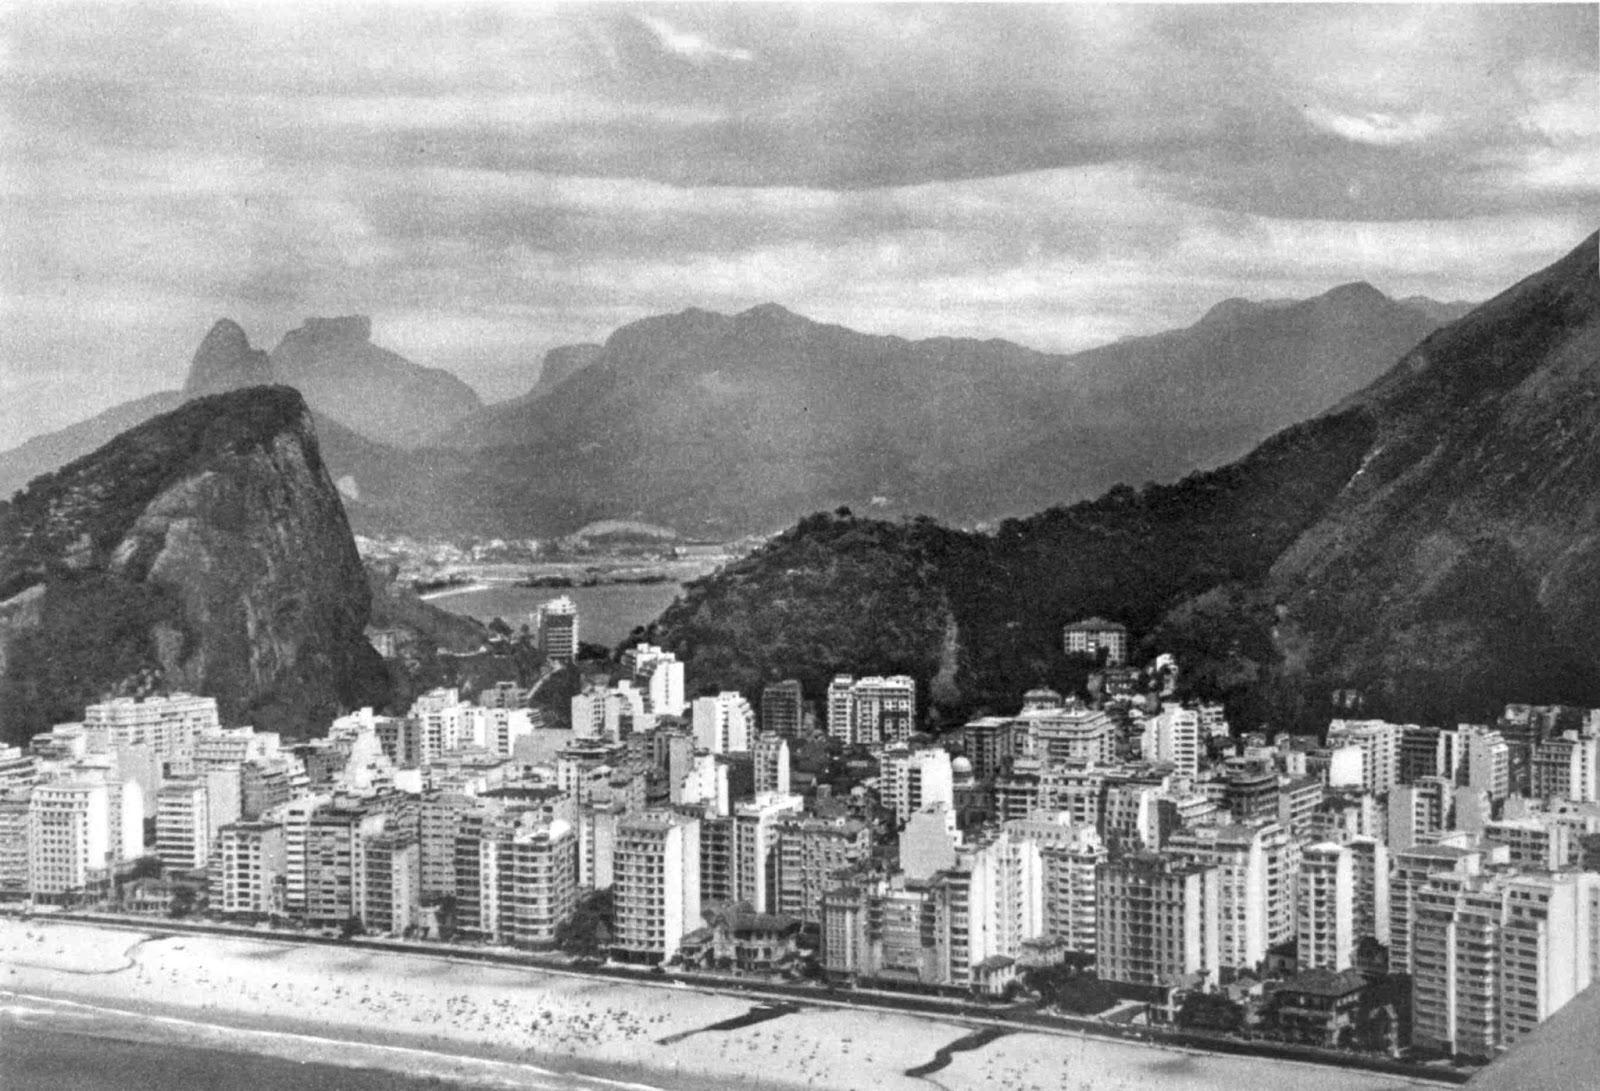 Fonte imagem: http://www.rioquepassou.com.br/2010/03/01/copacabana-primeira-metade-dos-anos-50/